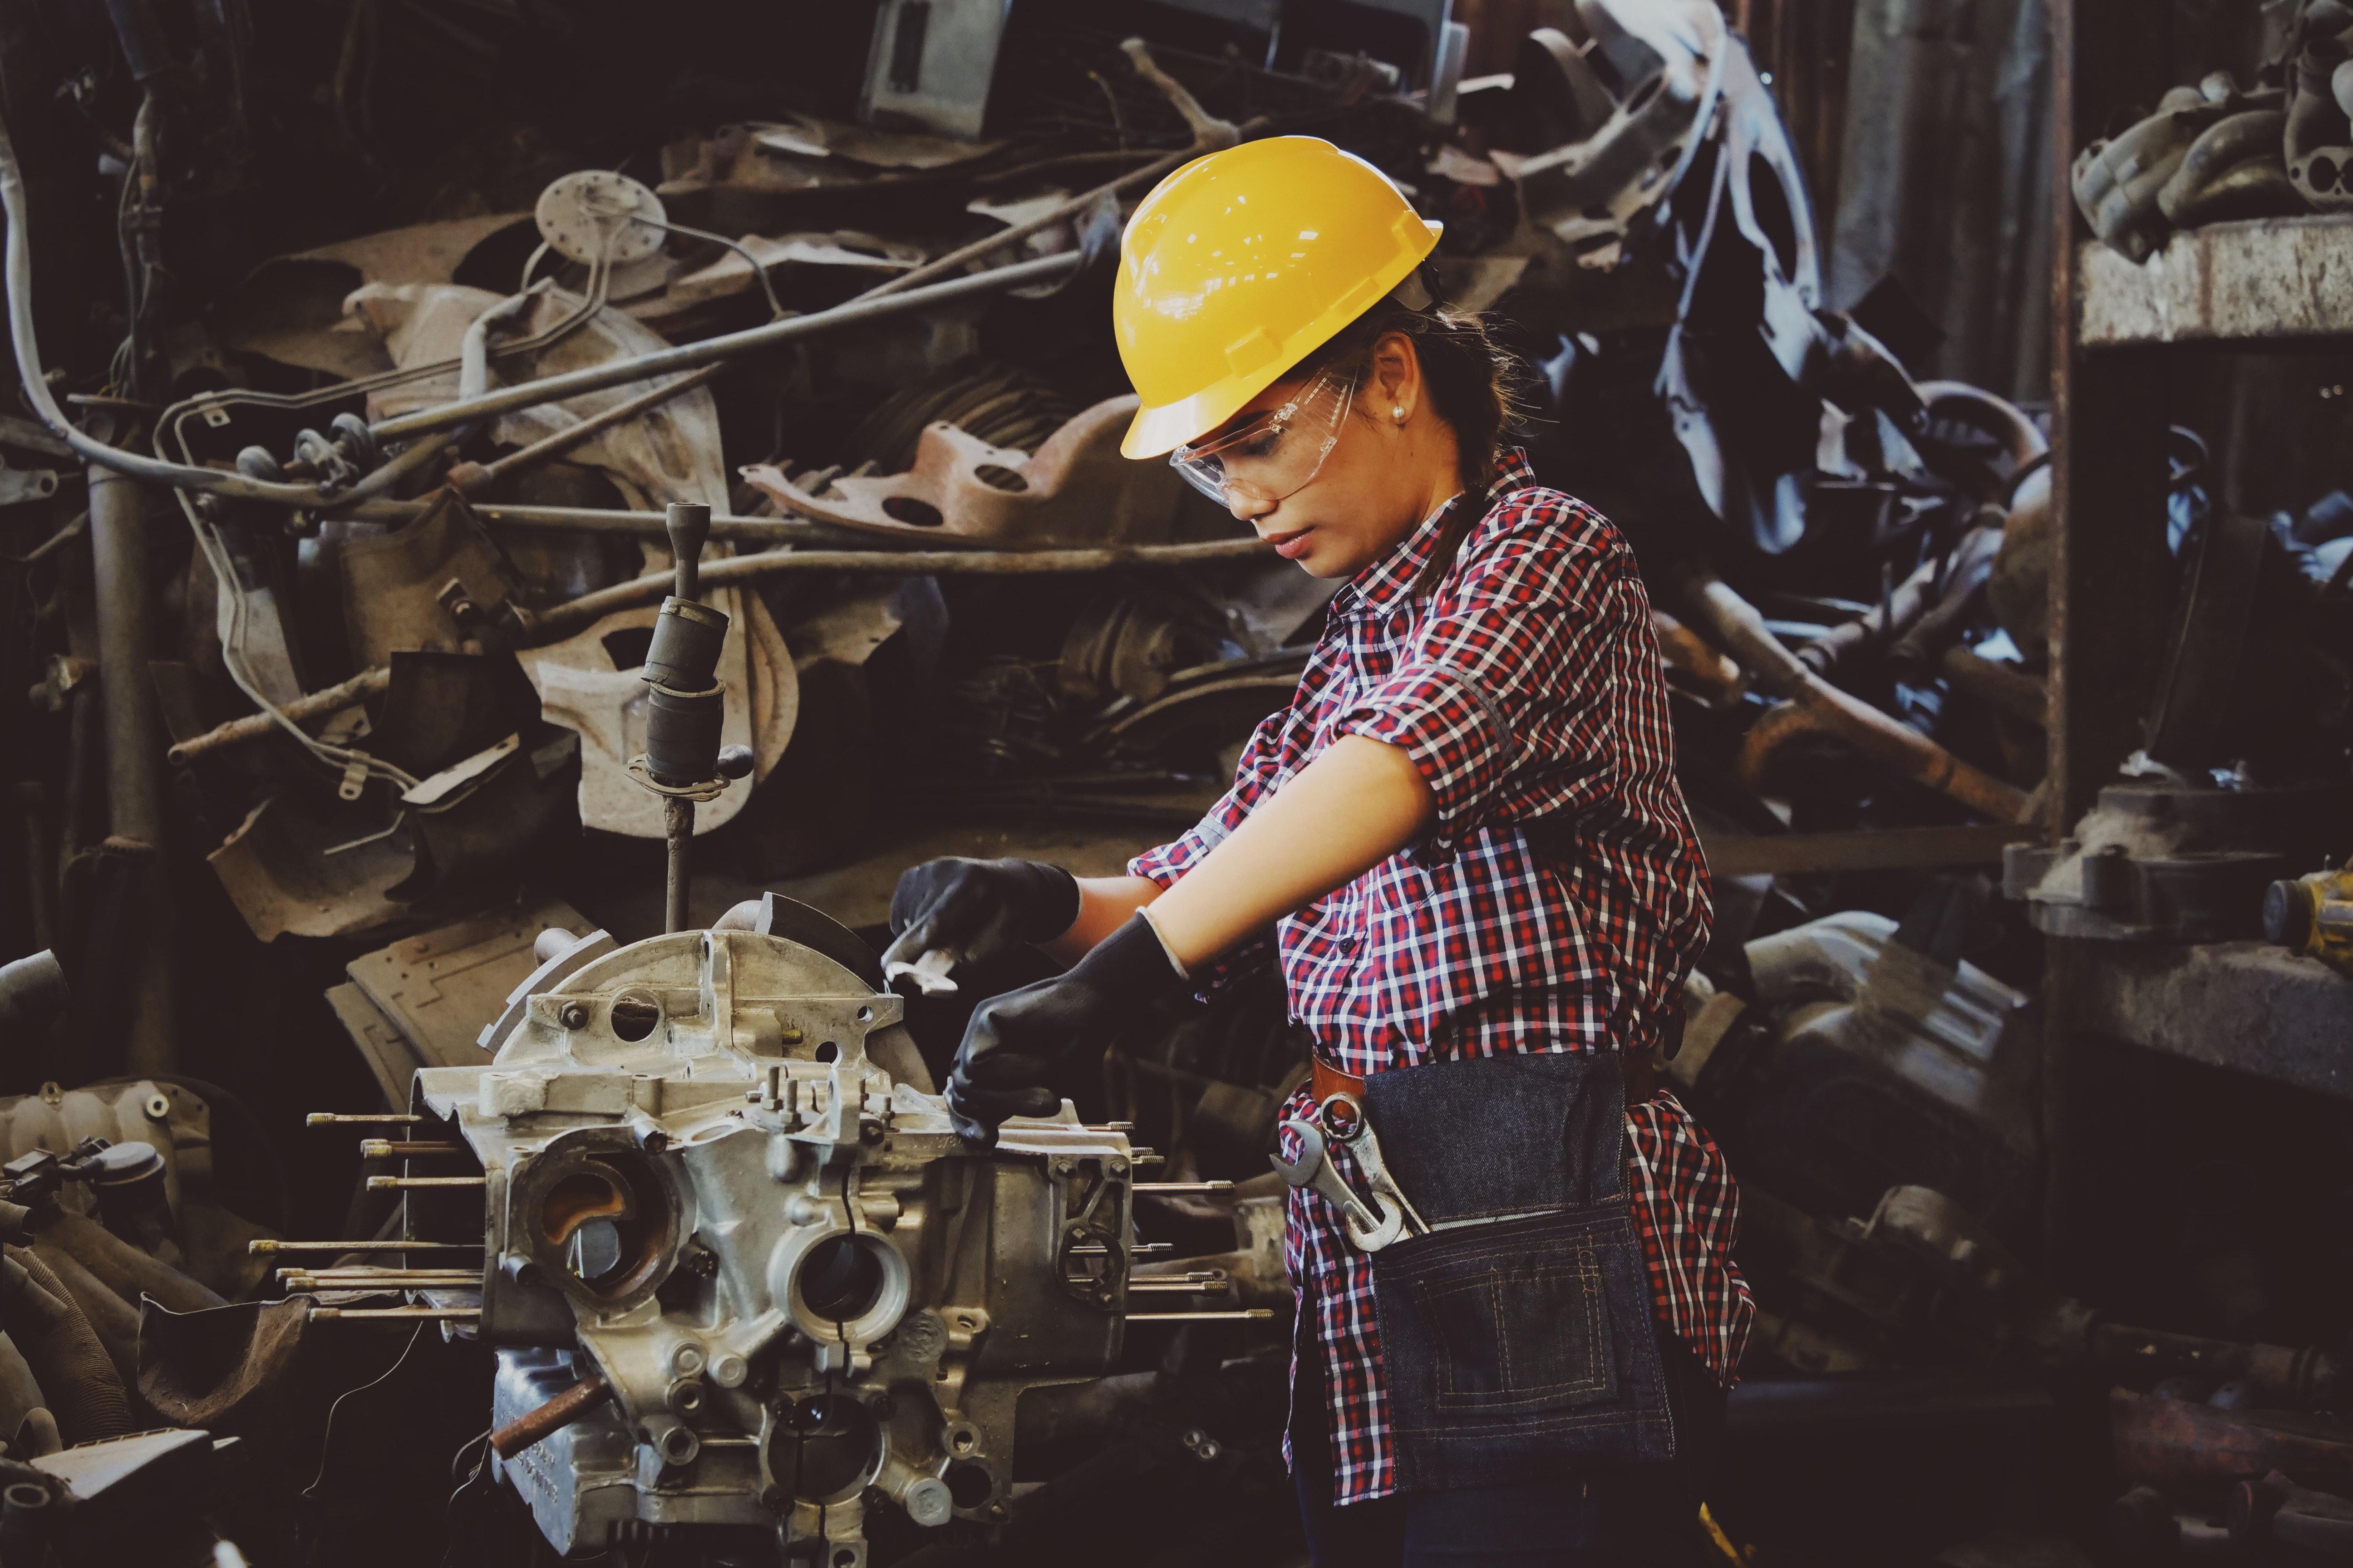 General Contractors/Construction Contractors Can Qualify for R&D Tax Credit